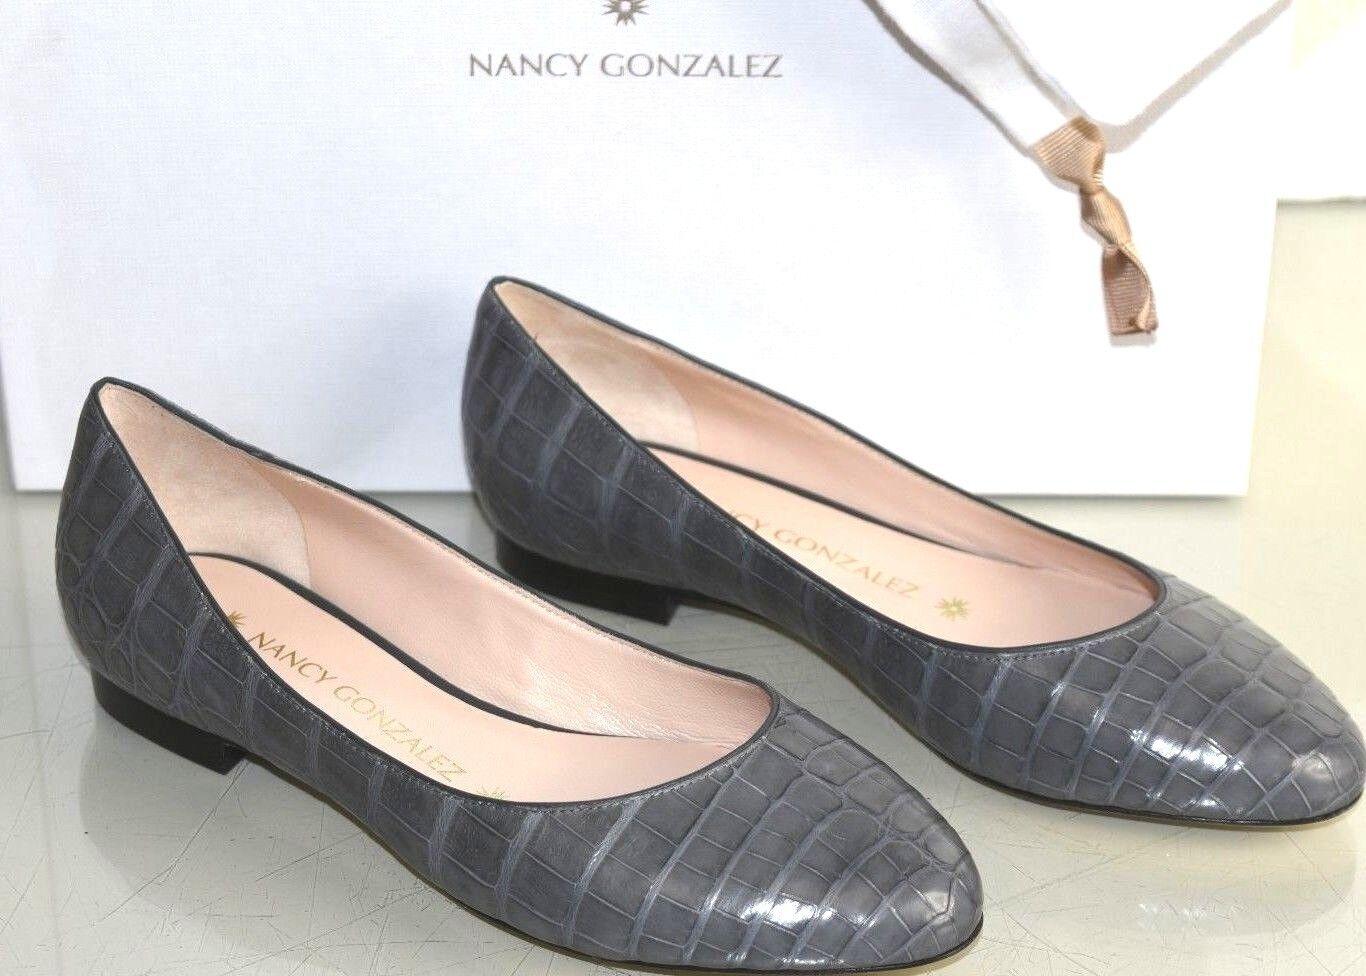 vanno a ruba NEW NEW NEW Nancy Gonzalez CRISTINA Crocodile Alligator Flats grigio scarpe Bag 35.5  ordina ora con grande sconto e consegna gratuita